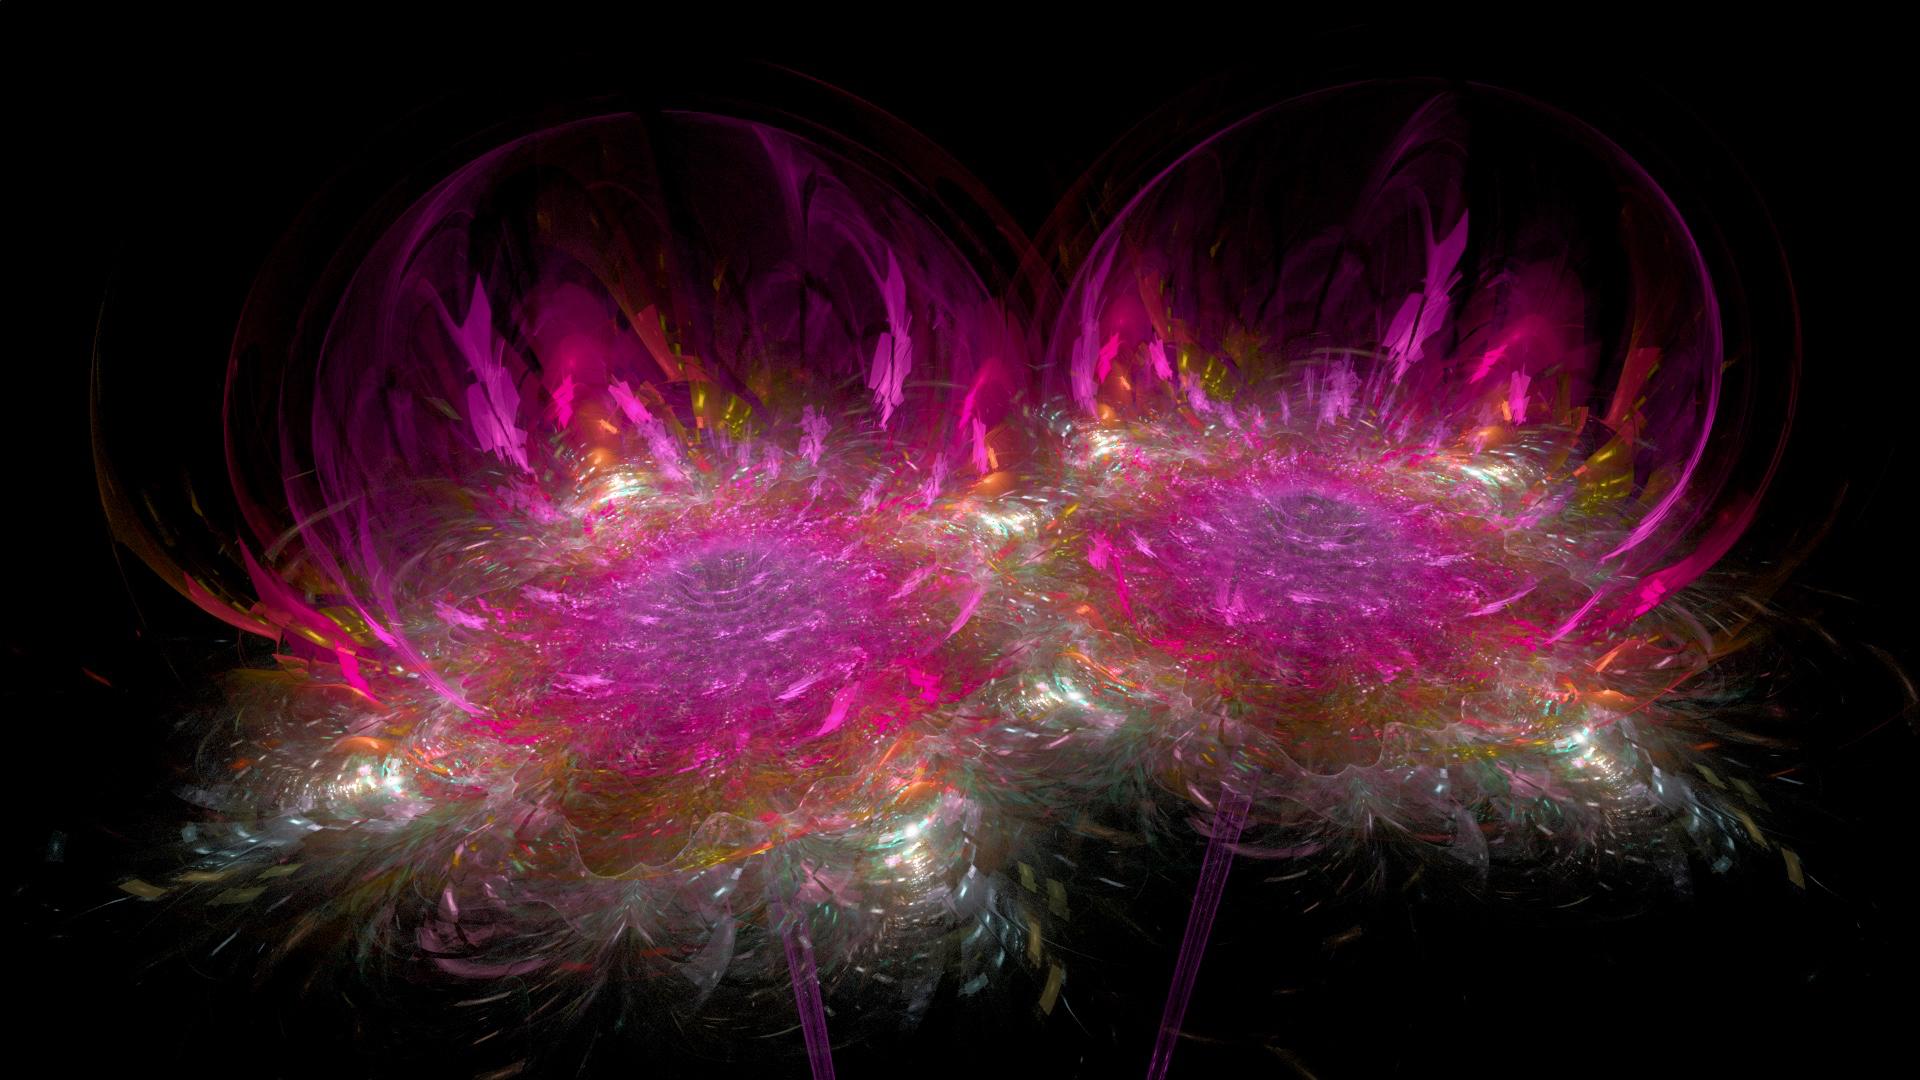 Floral fractal by KateHodges